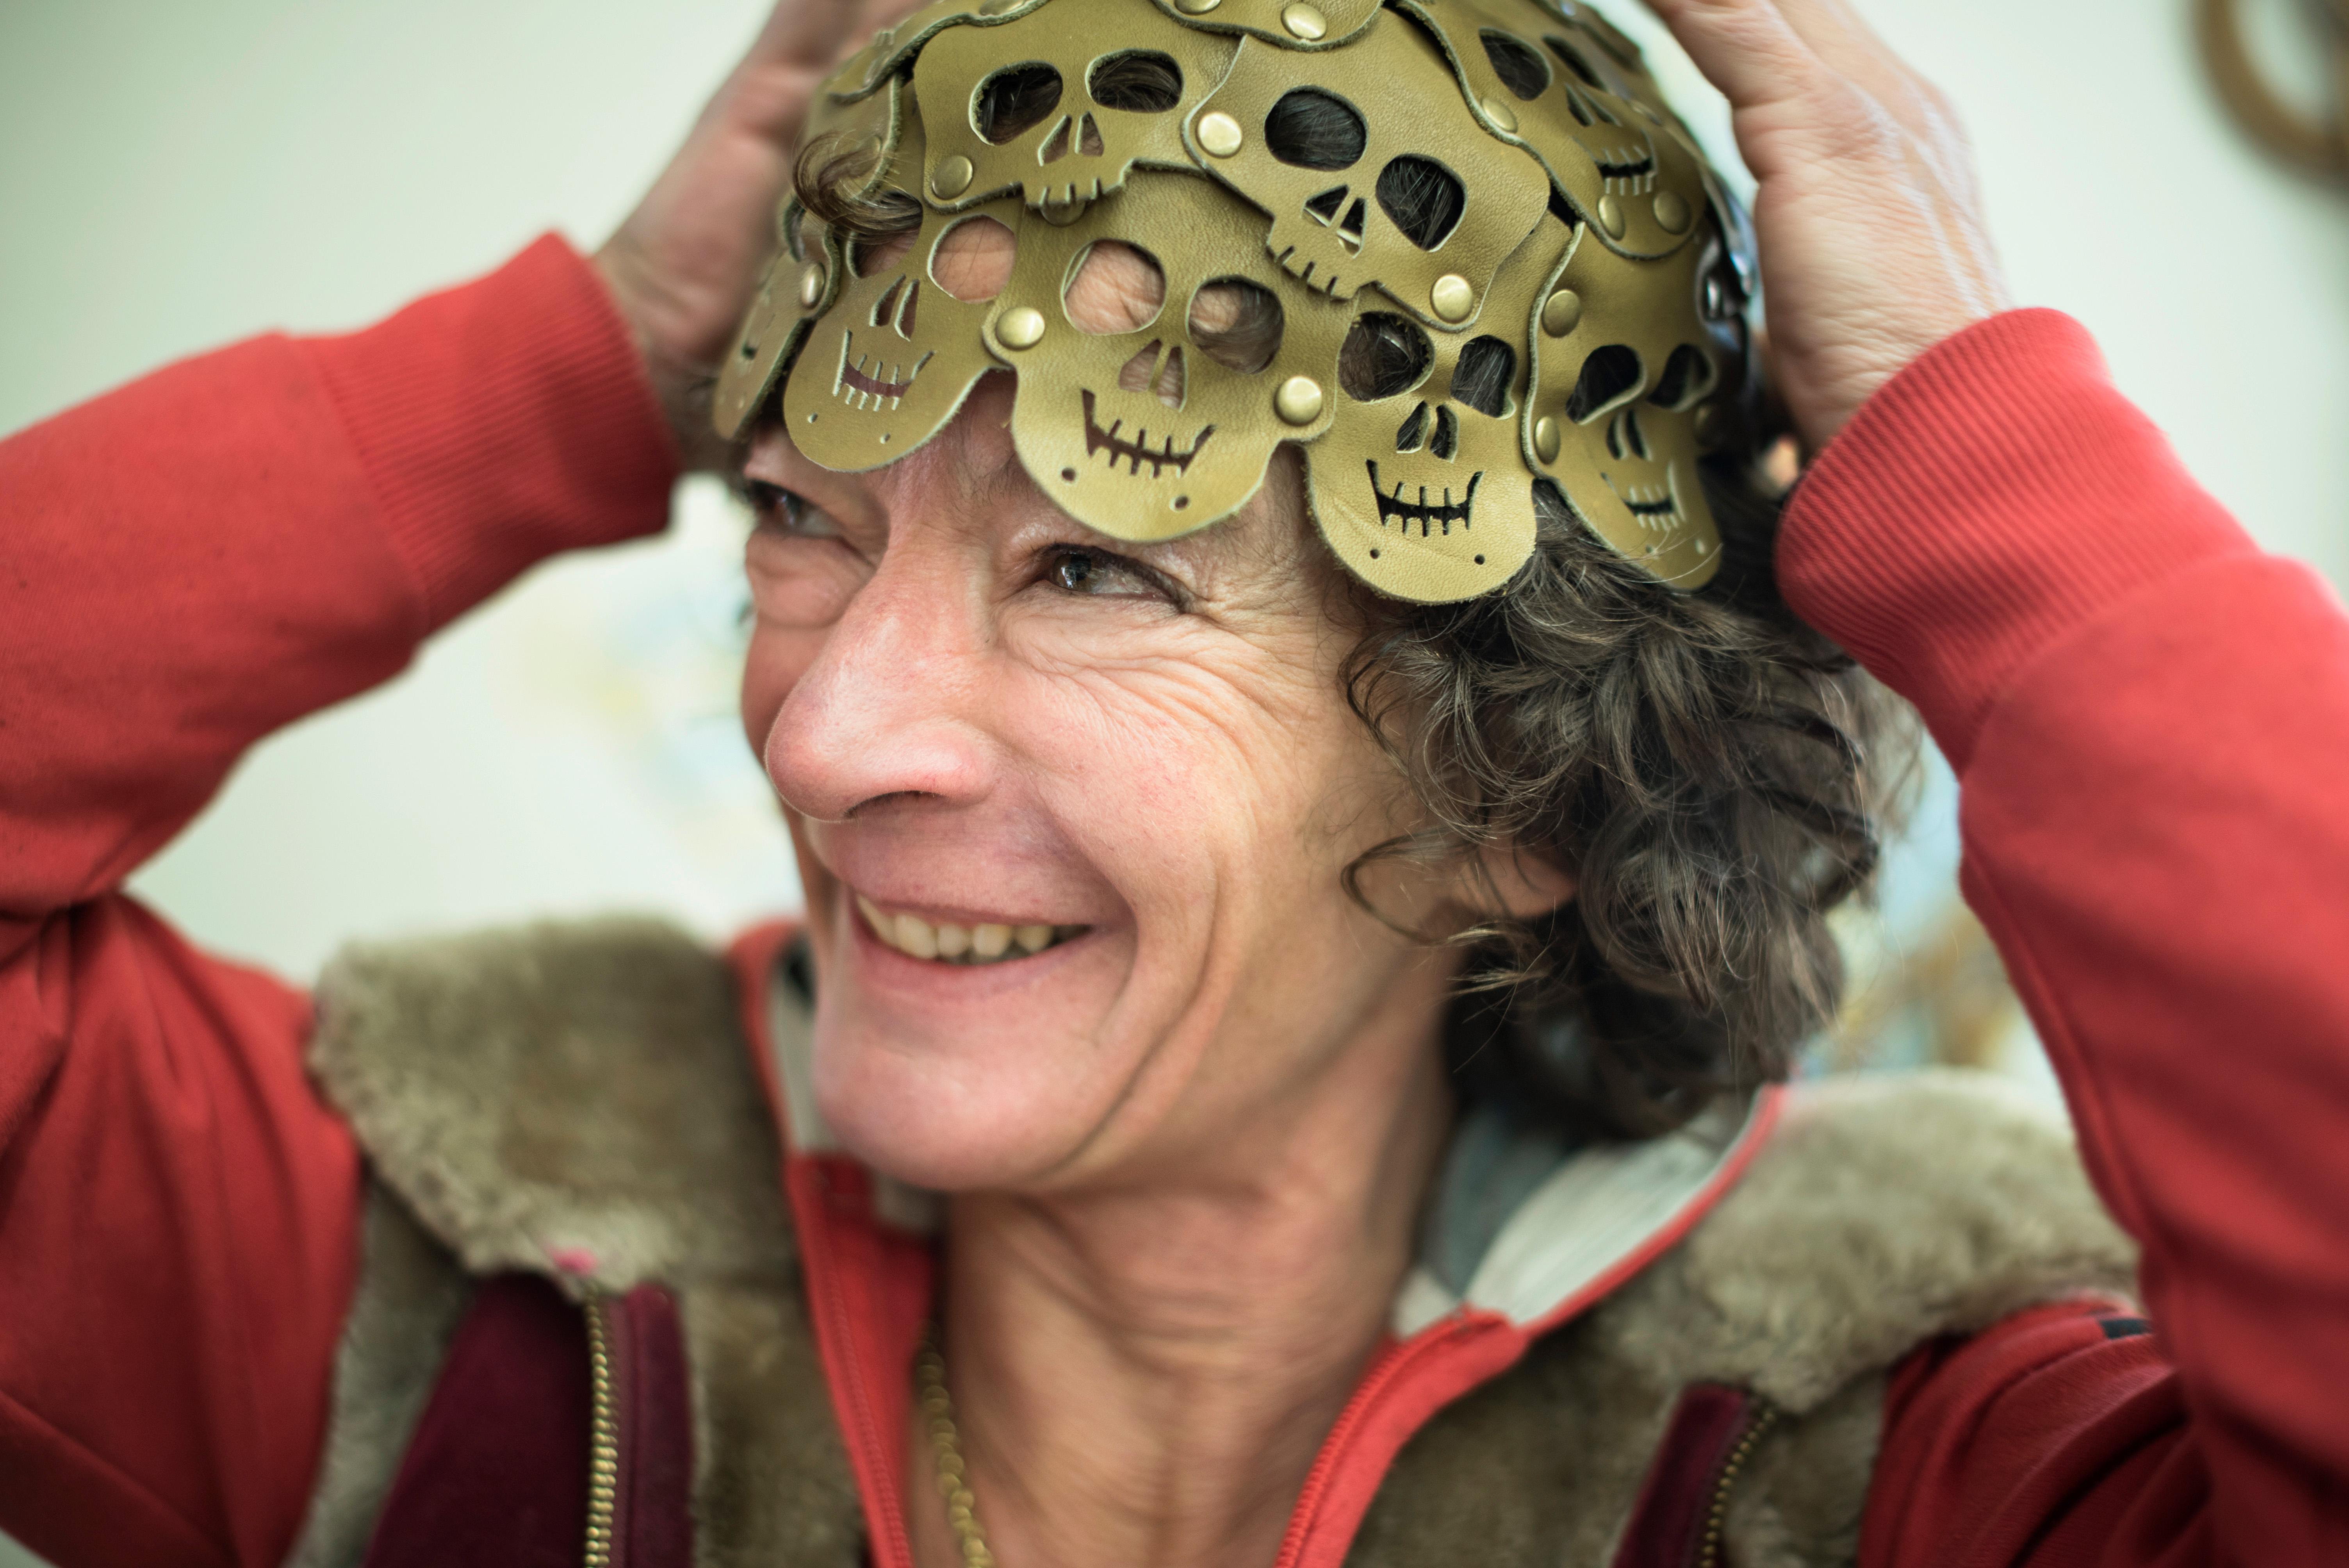 Mirjam Weber mit ihrem selbstgemachten Leder-Käppchen aus ausgestanzten Totenköpfen.